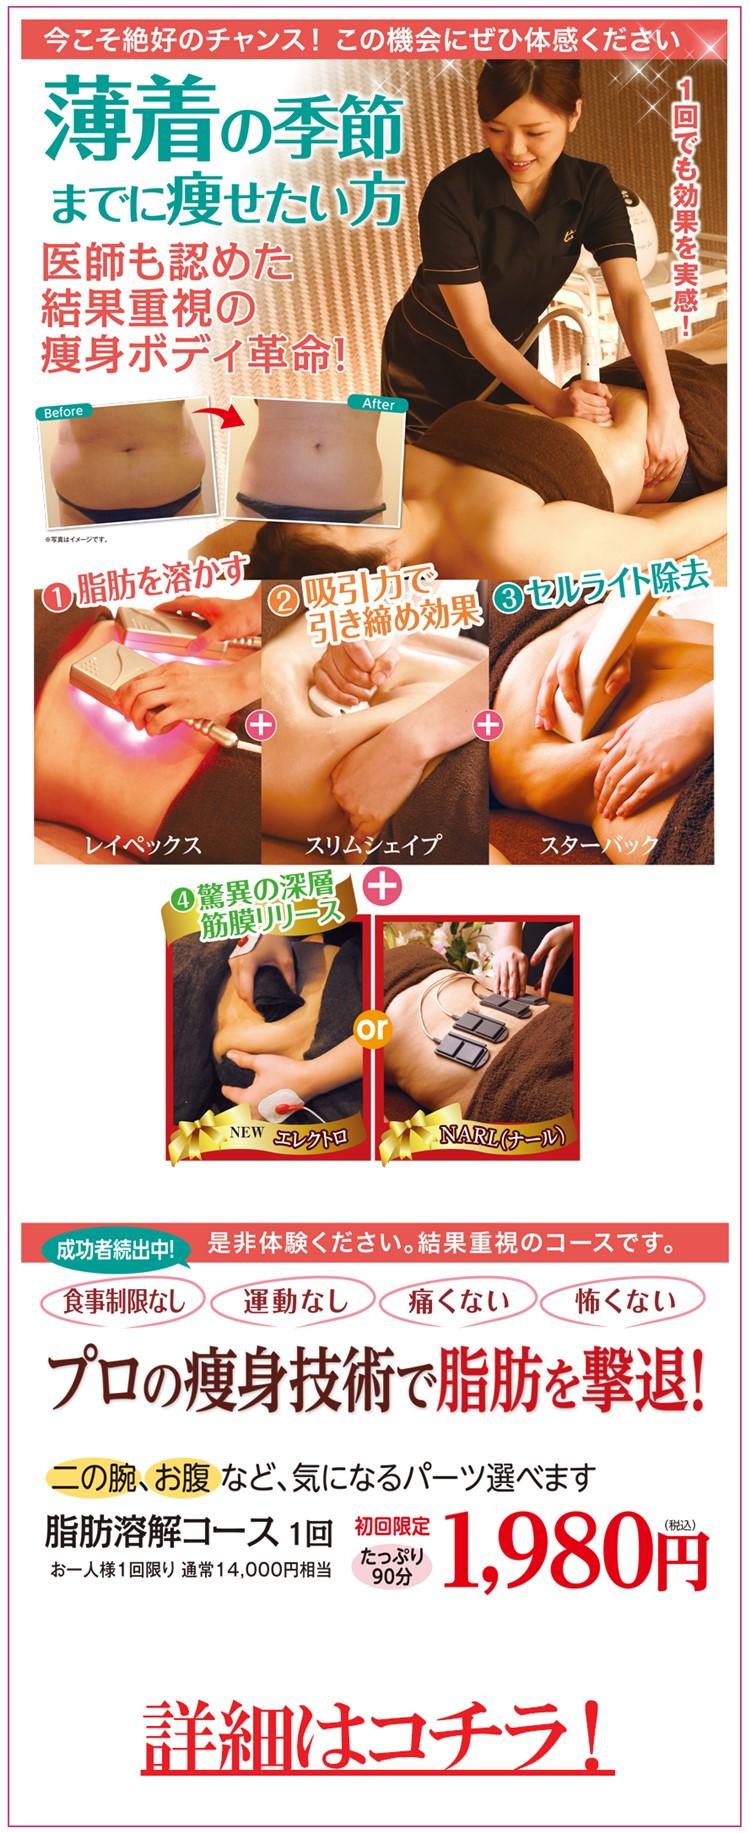 お腹二の腕脂肪溶解ボディ徹底痩身コース 痩身専門エステピュアスリム奈良6店舗